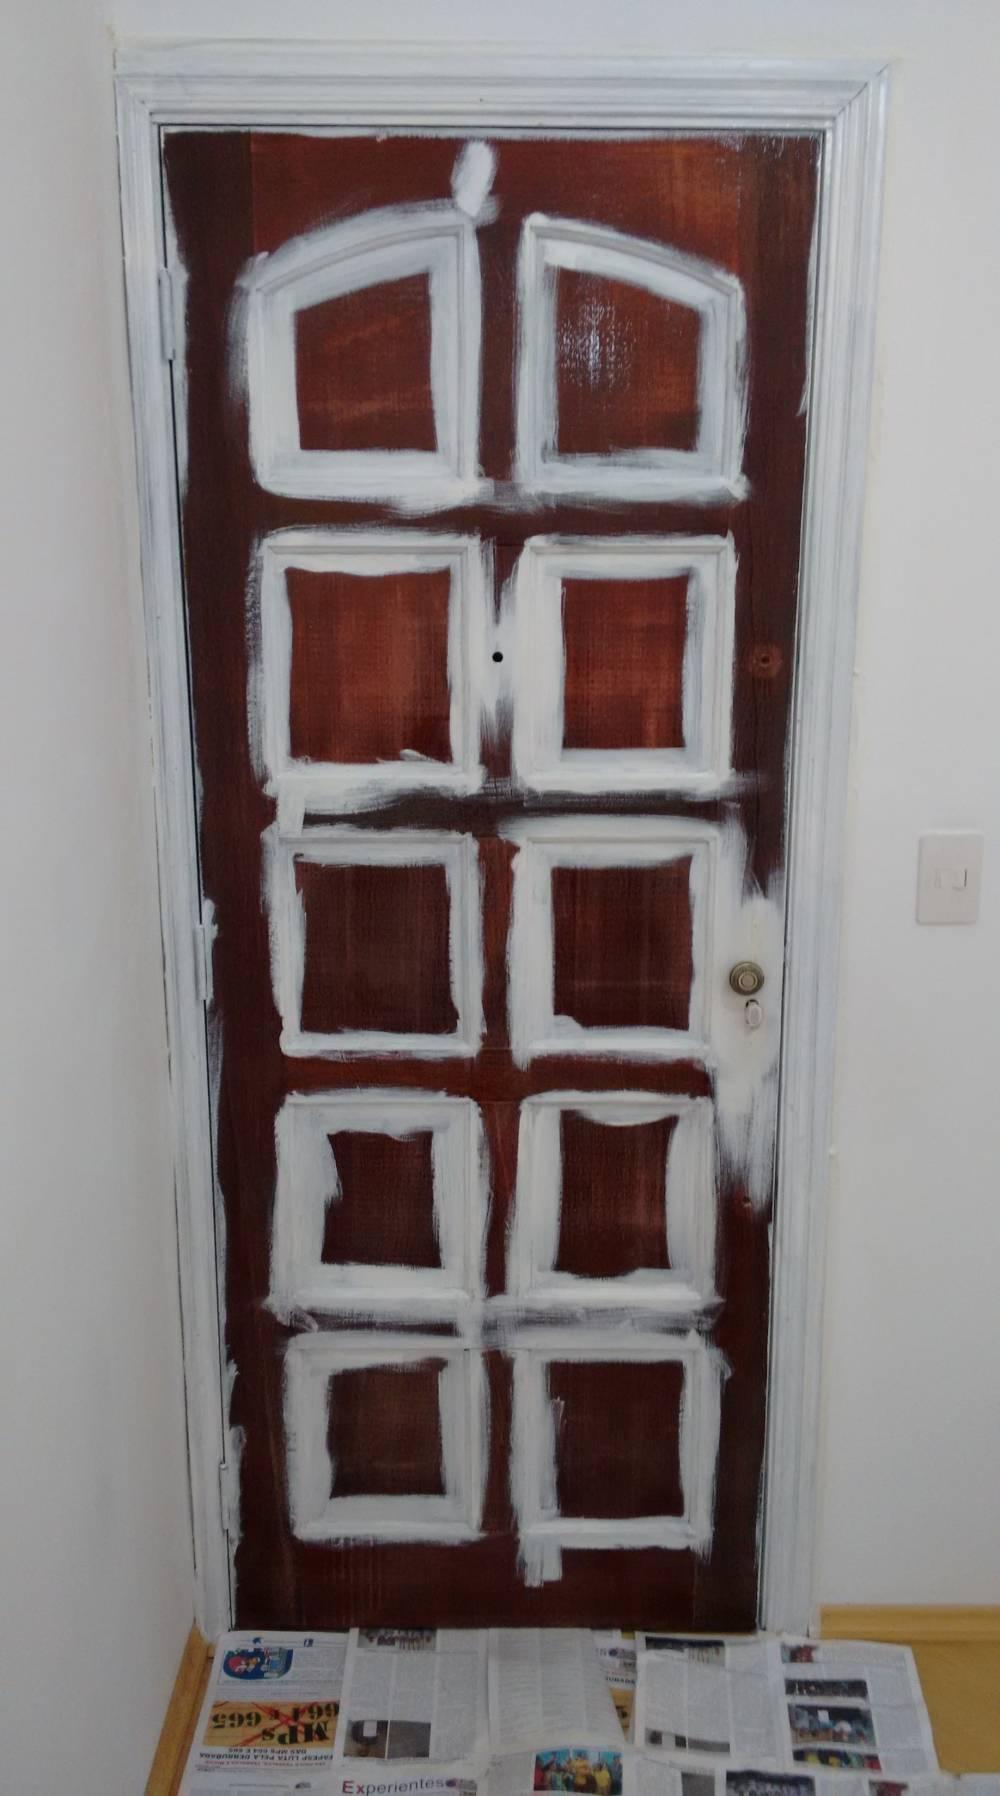 Serviço de Manutenção em Residências na Chácara Klabin - Manutenção Residencial em Diadema